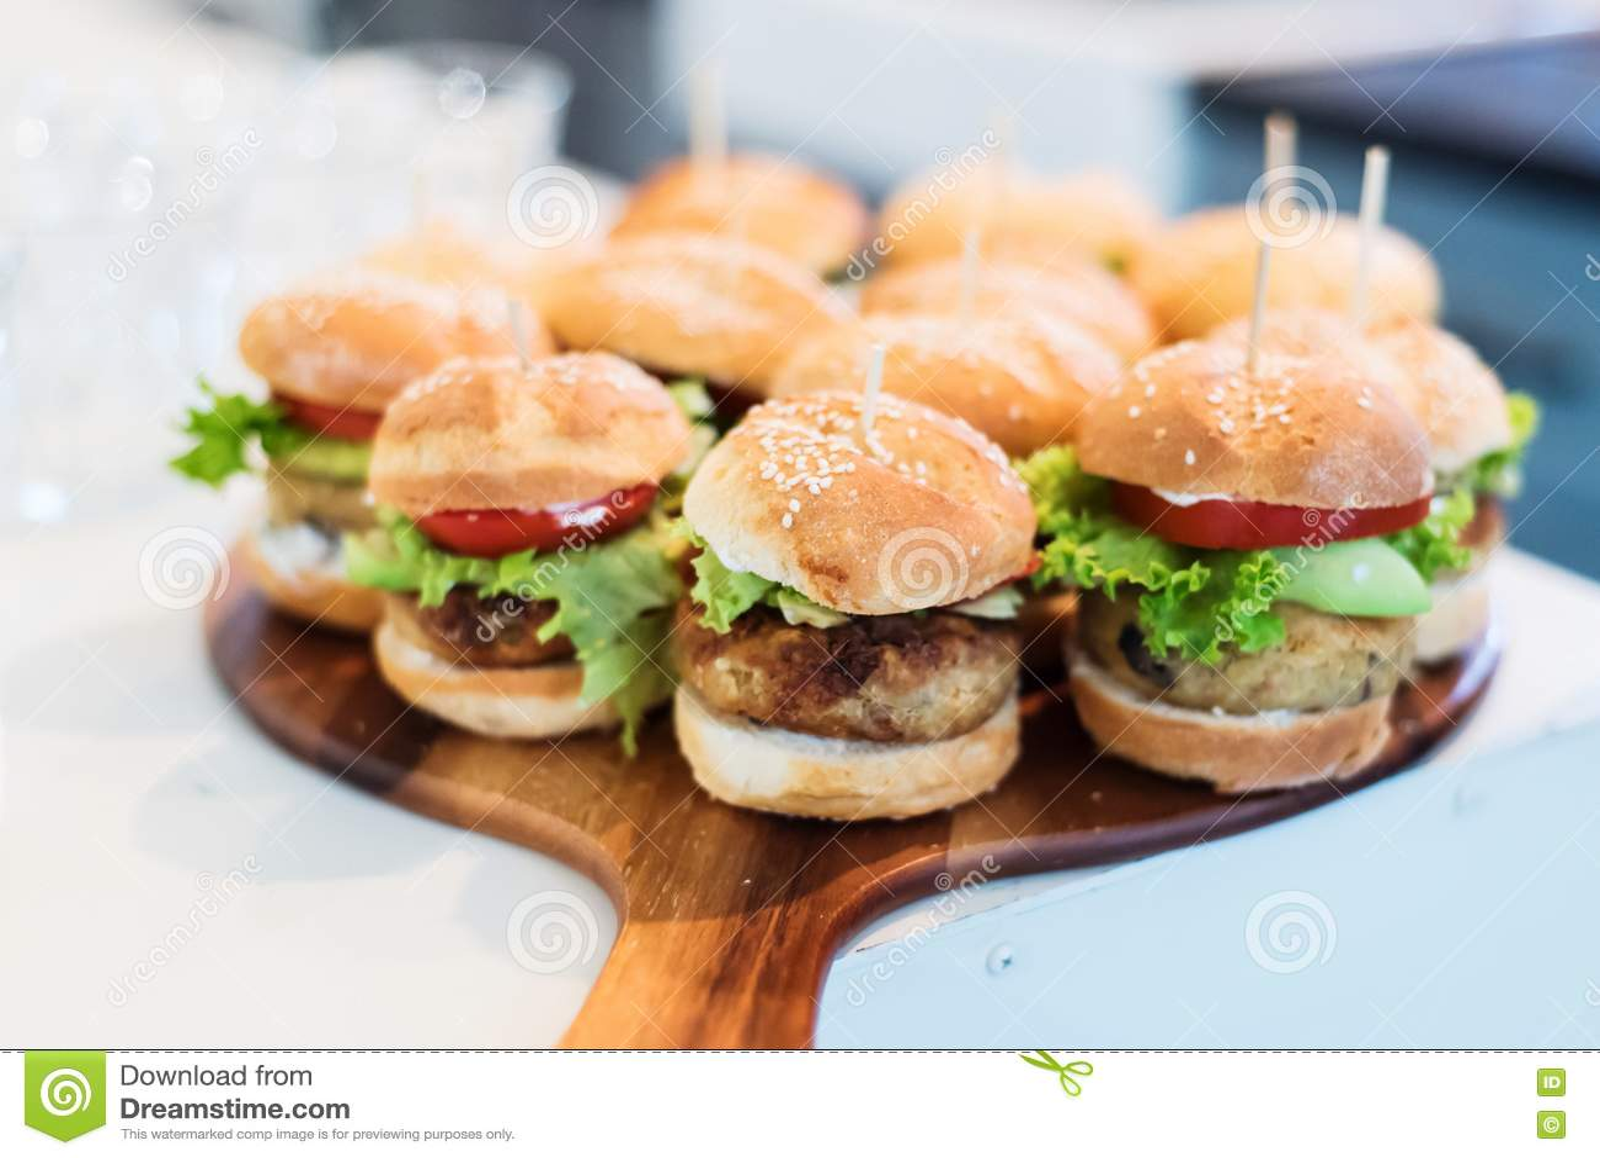 Mini vegan quinoa burgers